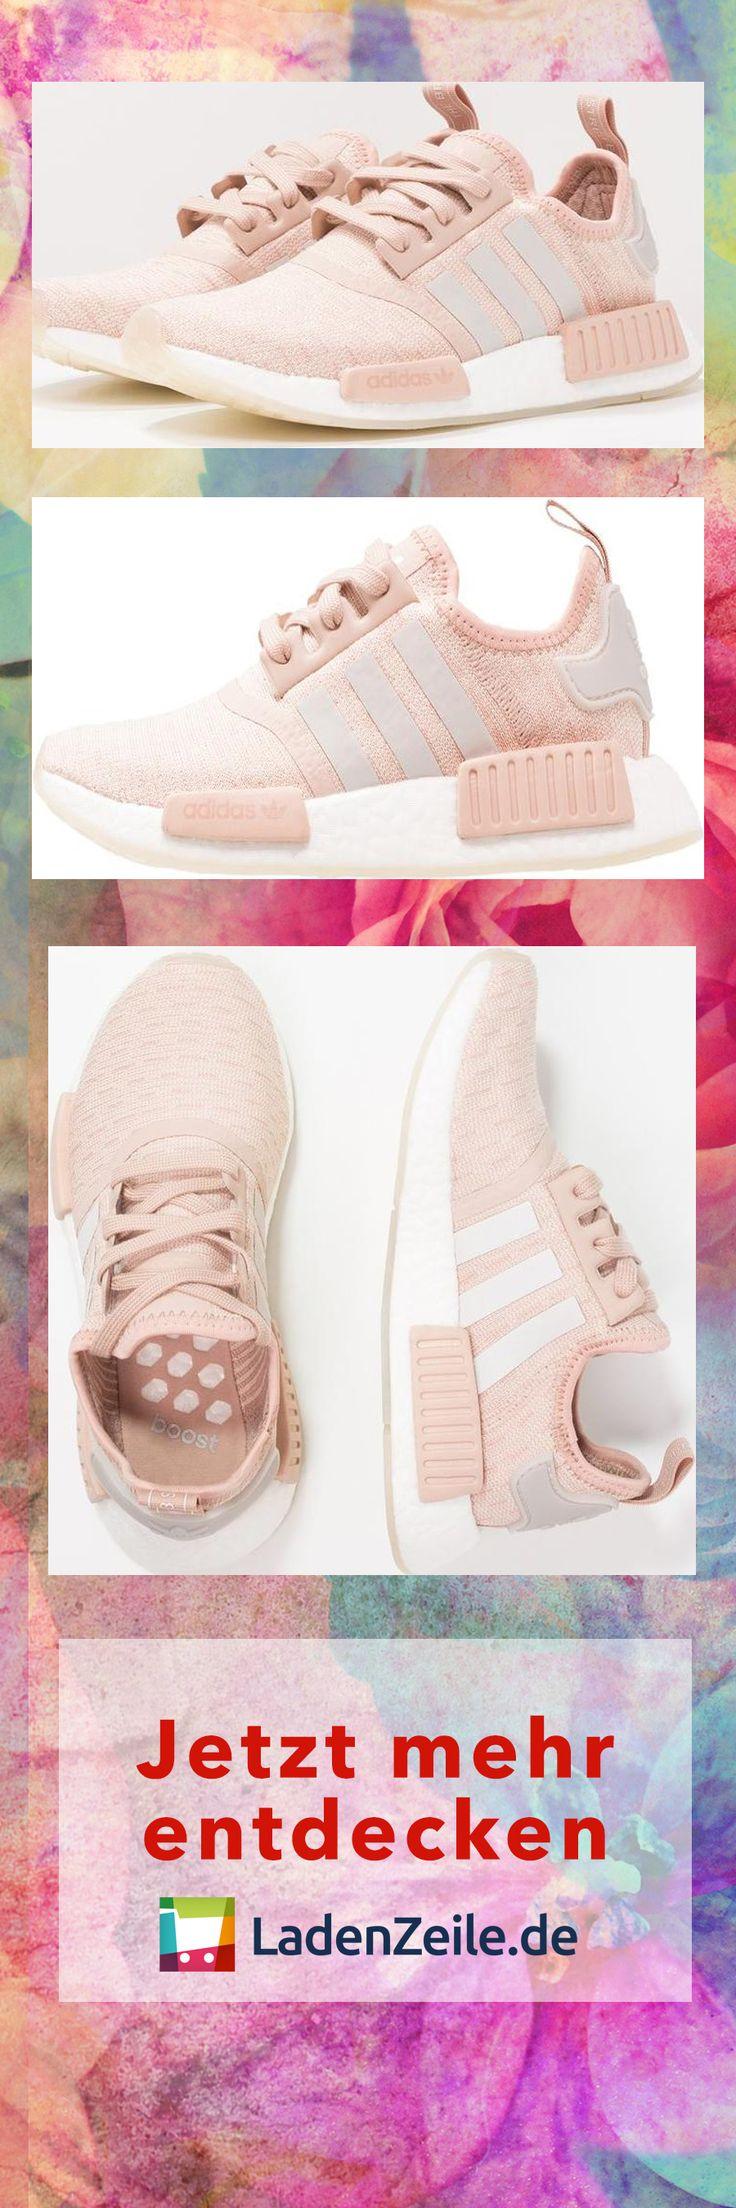 Du willst es haben? Hol es dir auf LadenZeile.de #adidas #rosa #sneaker